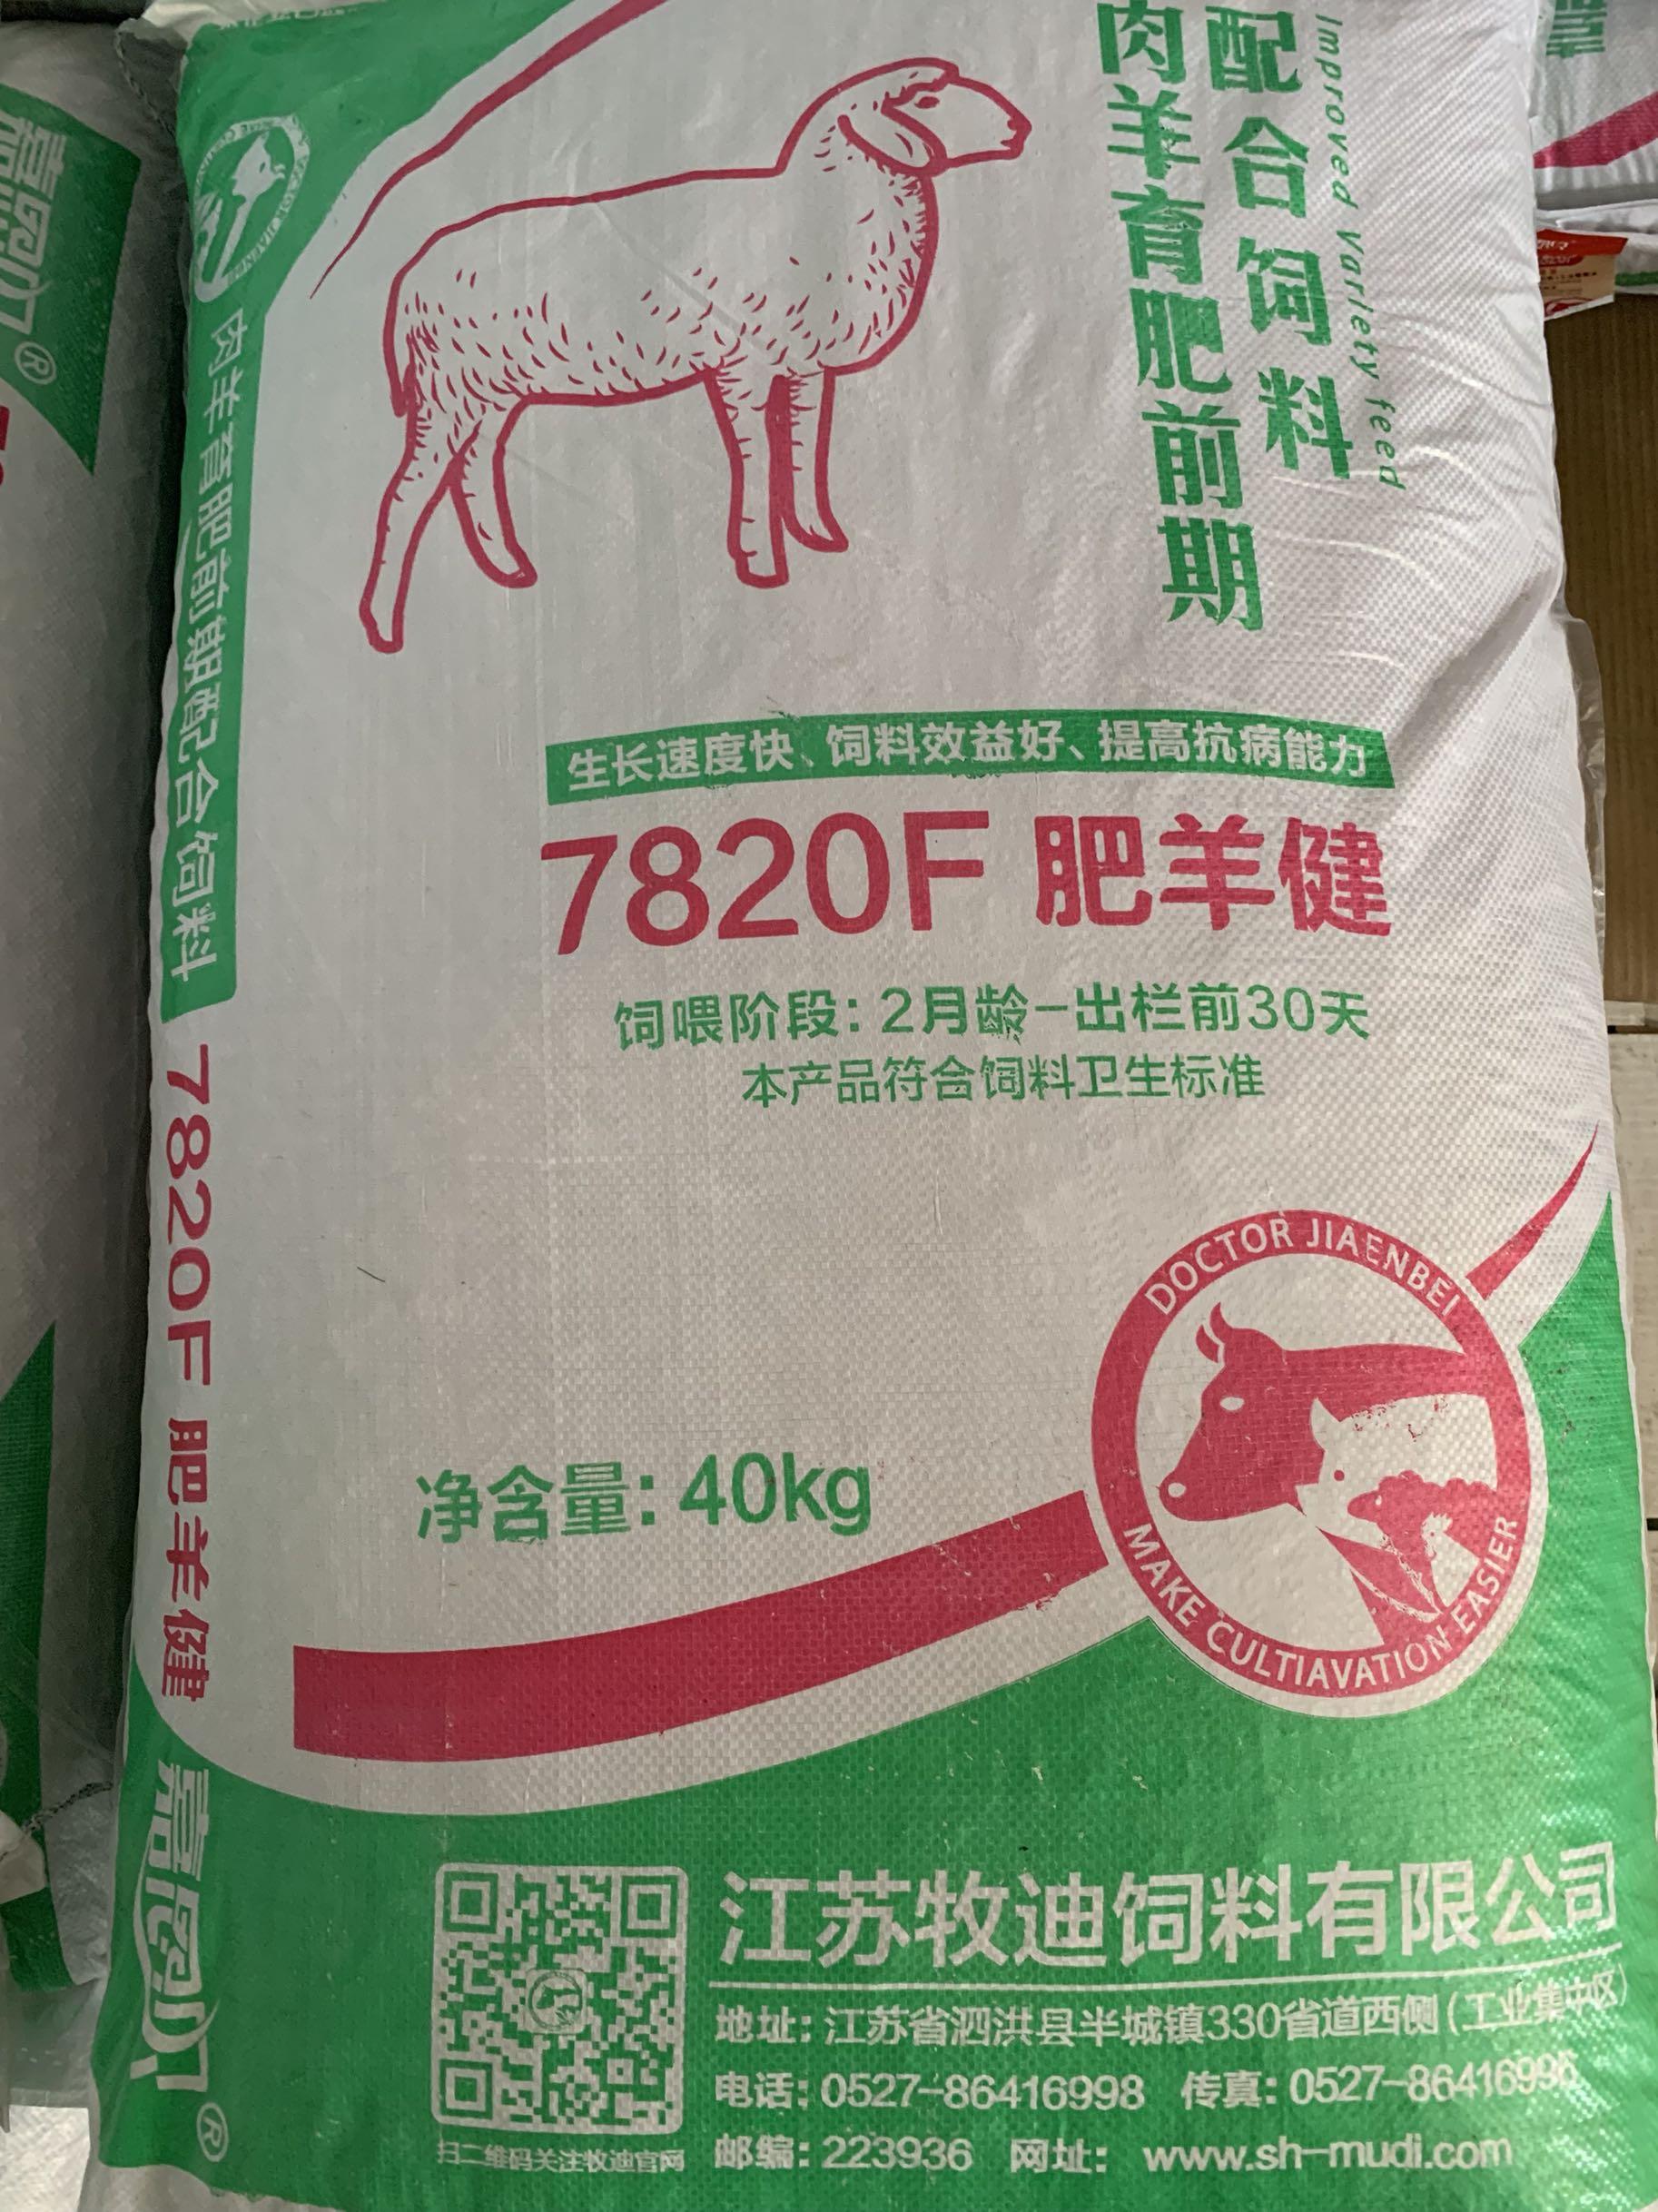 江蘇牧迪91113/7820 F子羊保育配合飼料は優良品質の販売を推奨しています。